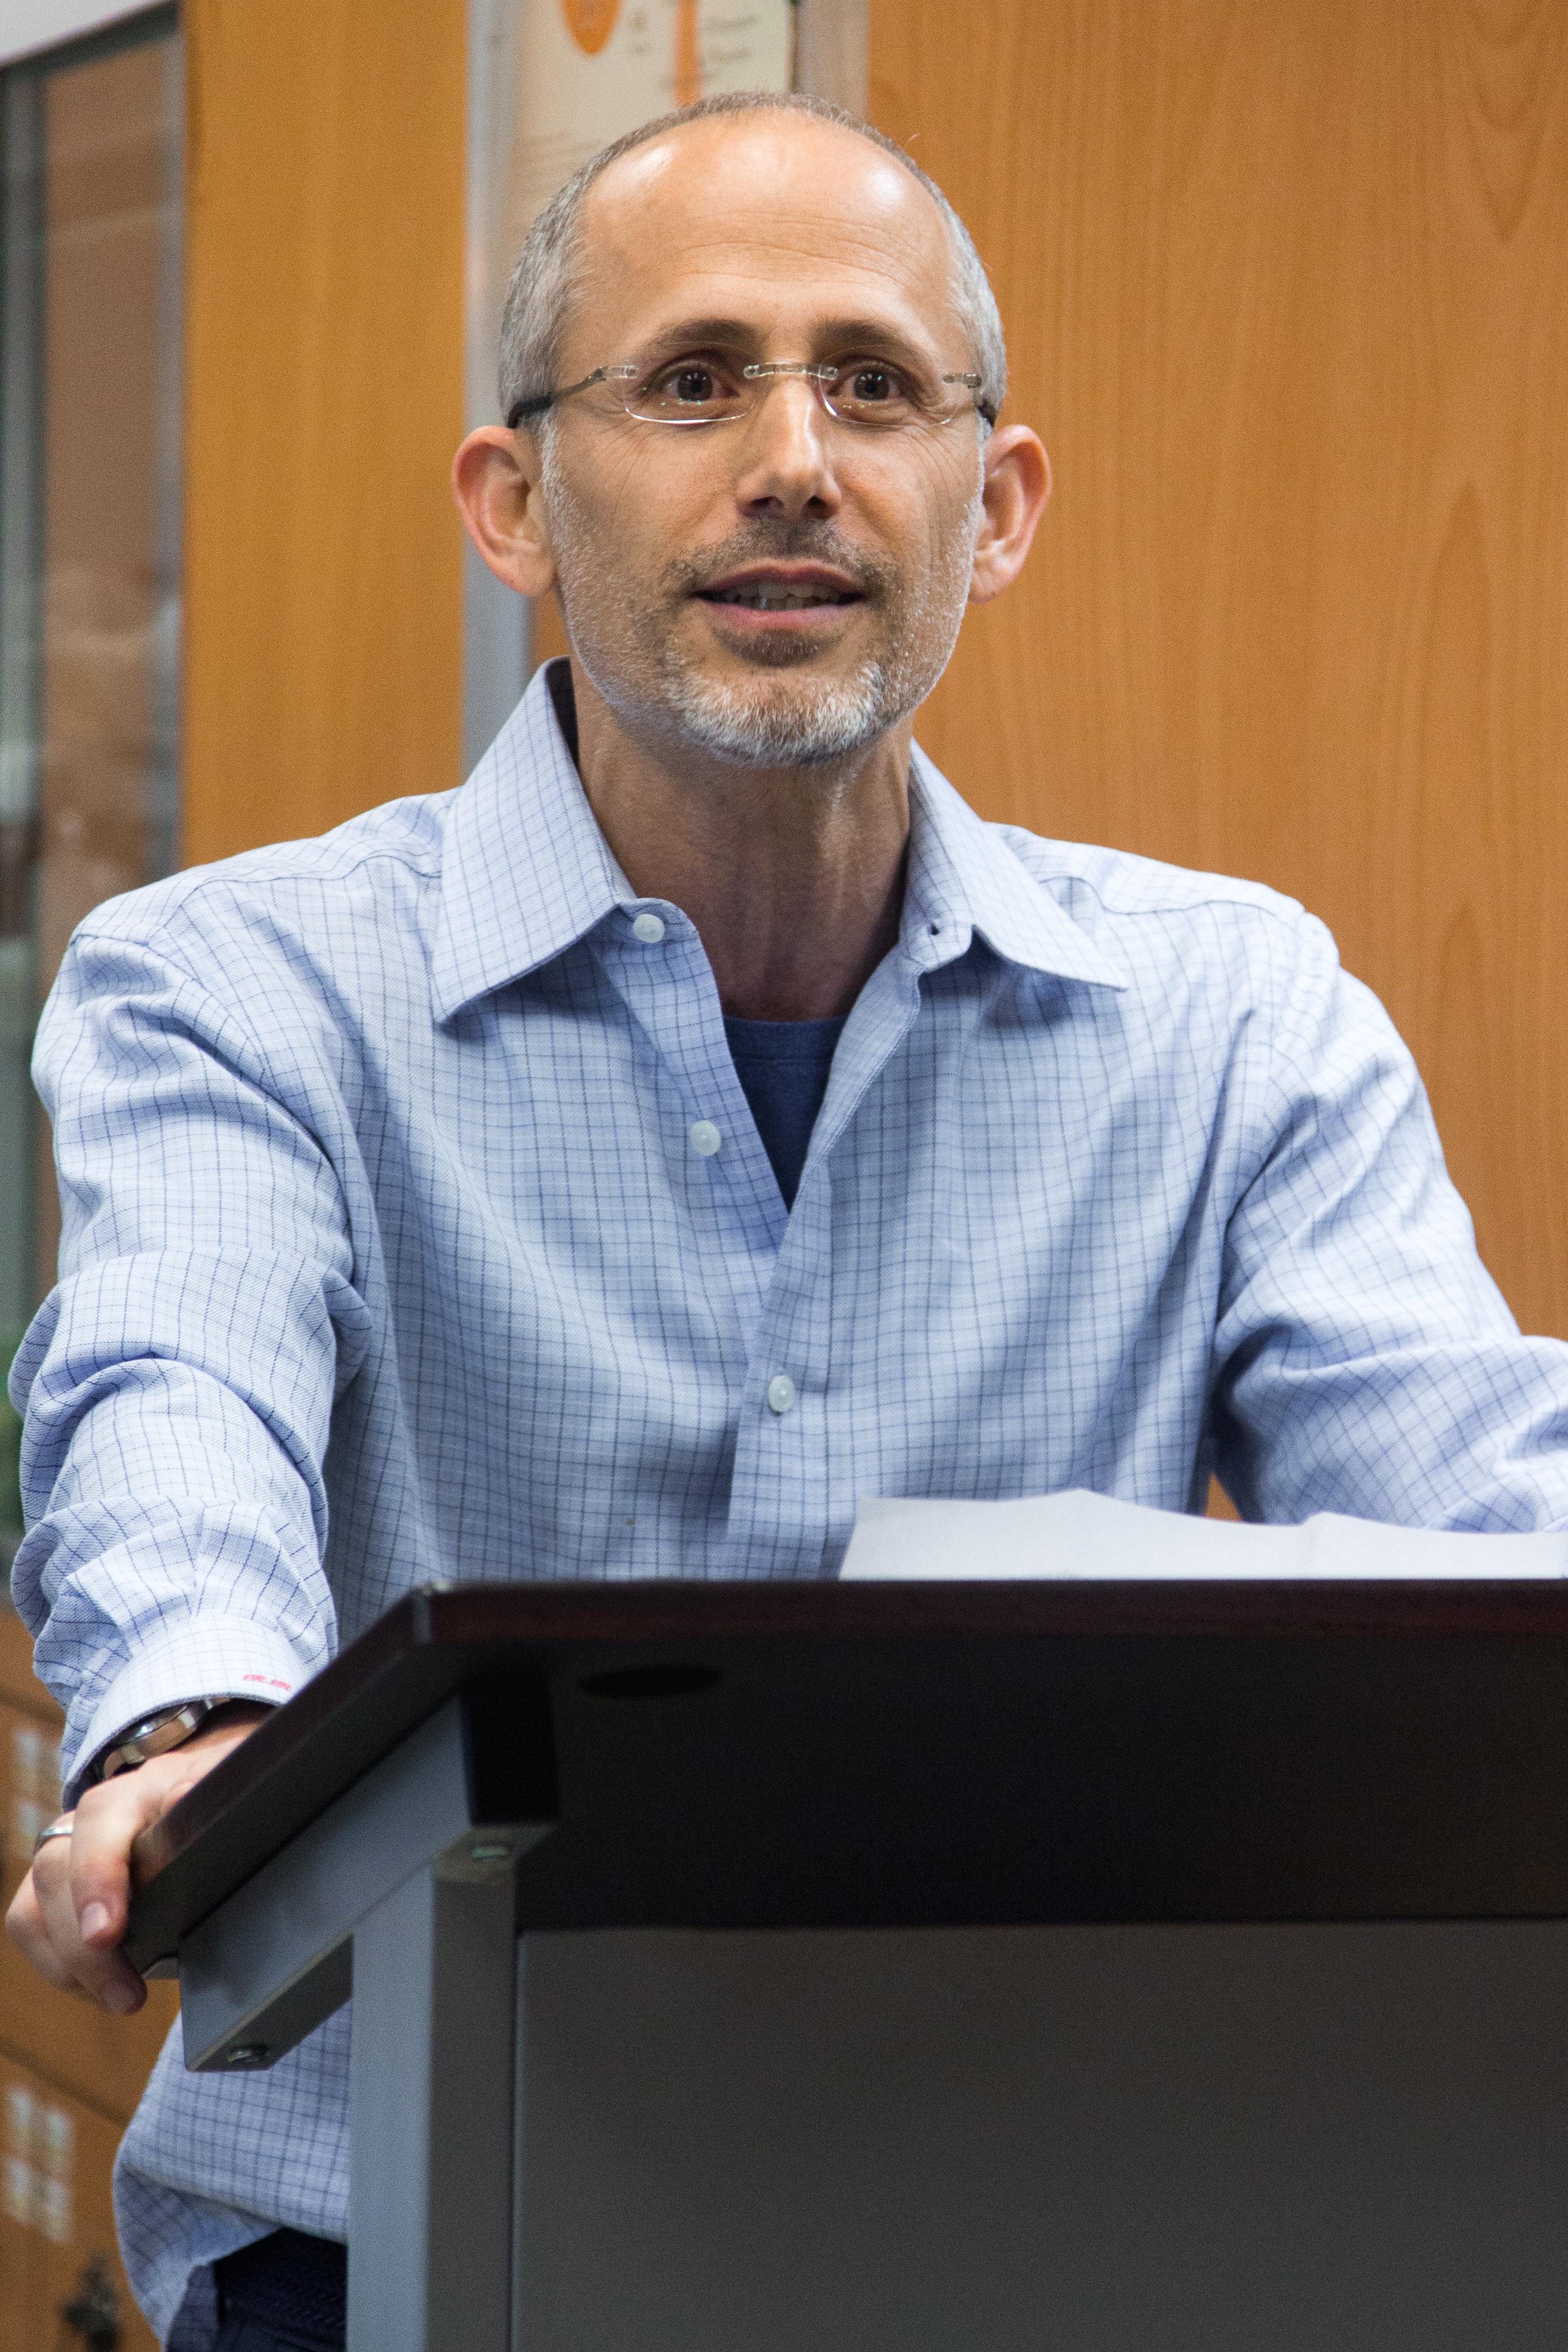 Image of Ross Rosen